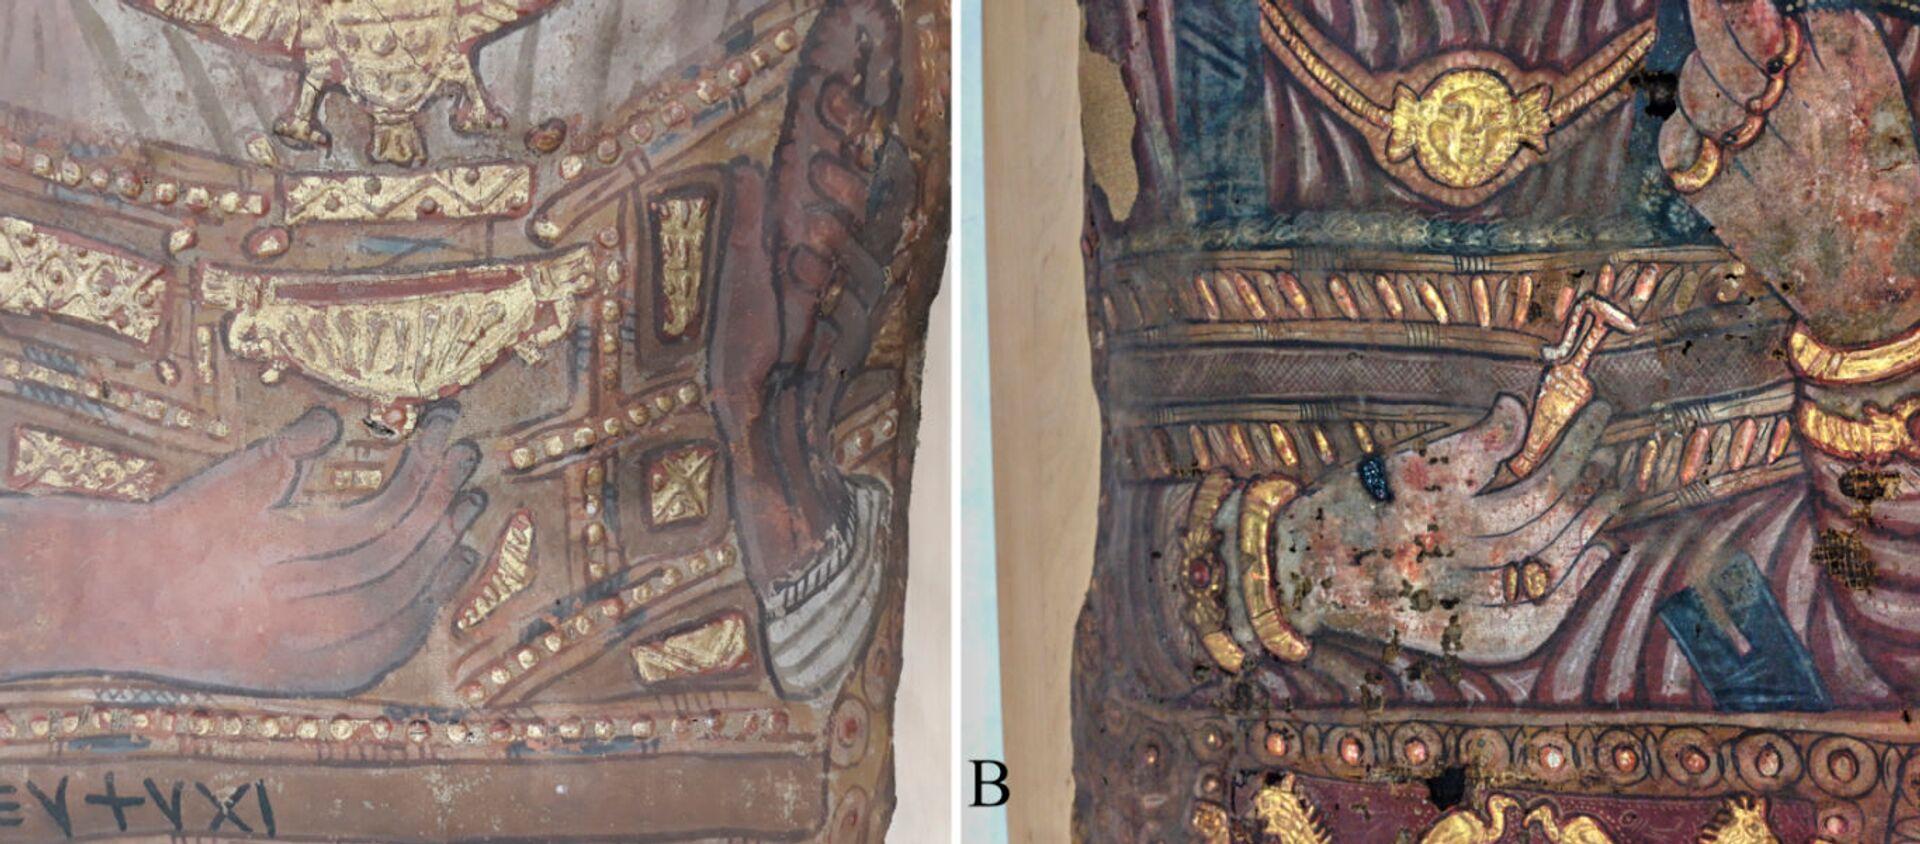 Mumie nalezené v roce 1615 v Sakkáře. - Sputnik Česká republika, 1920, 19.01.2021